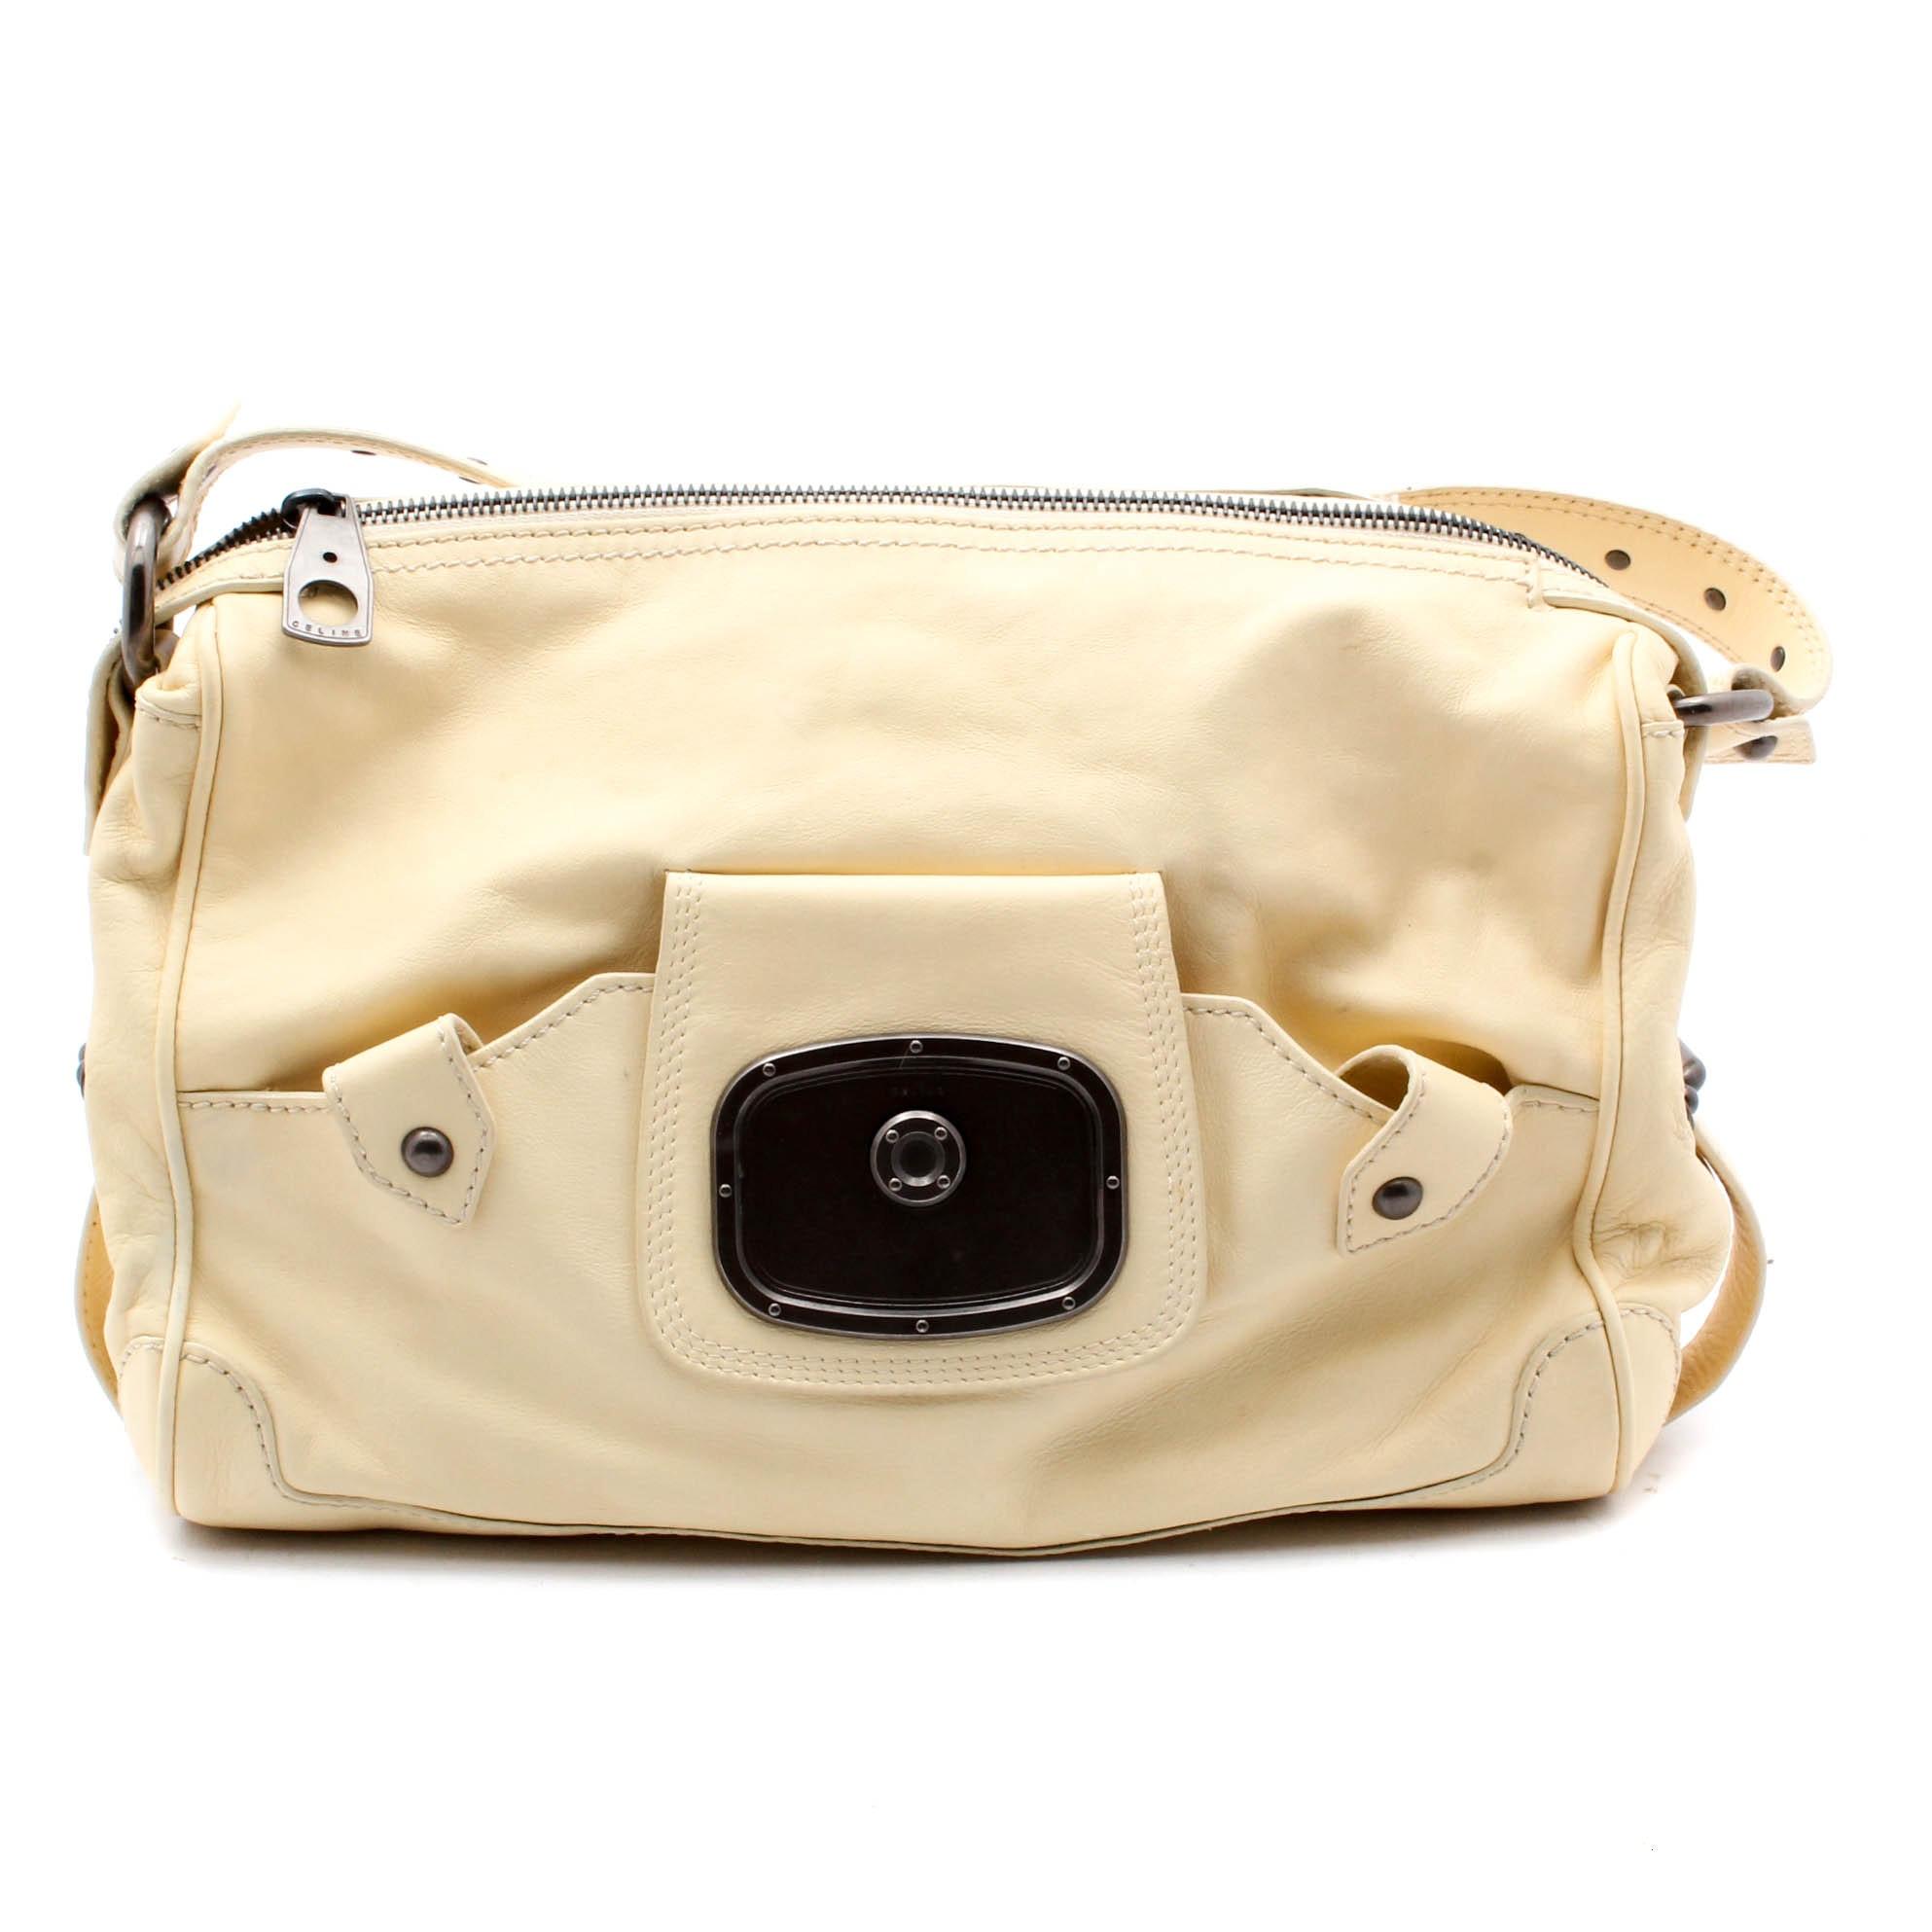 Celine Cream Leather Shoulder Bag